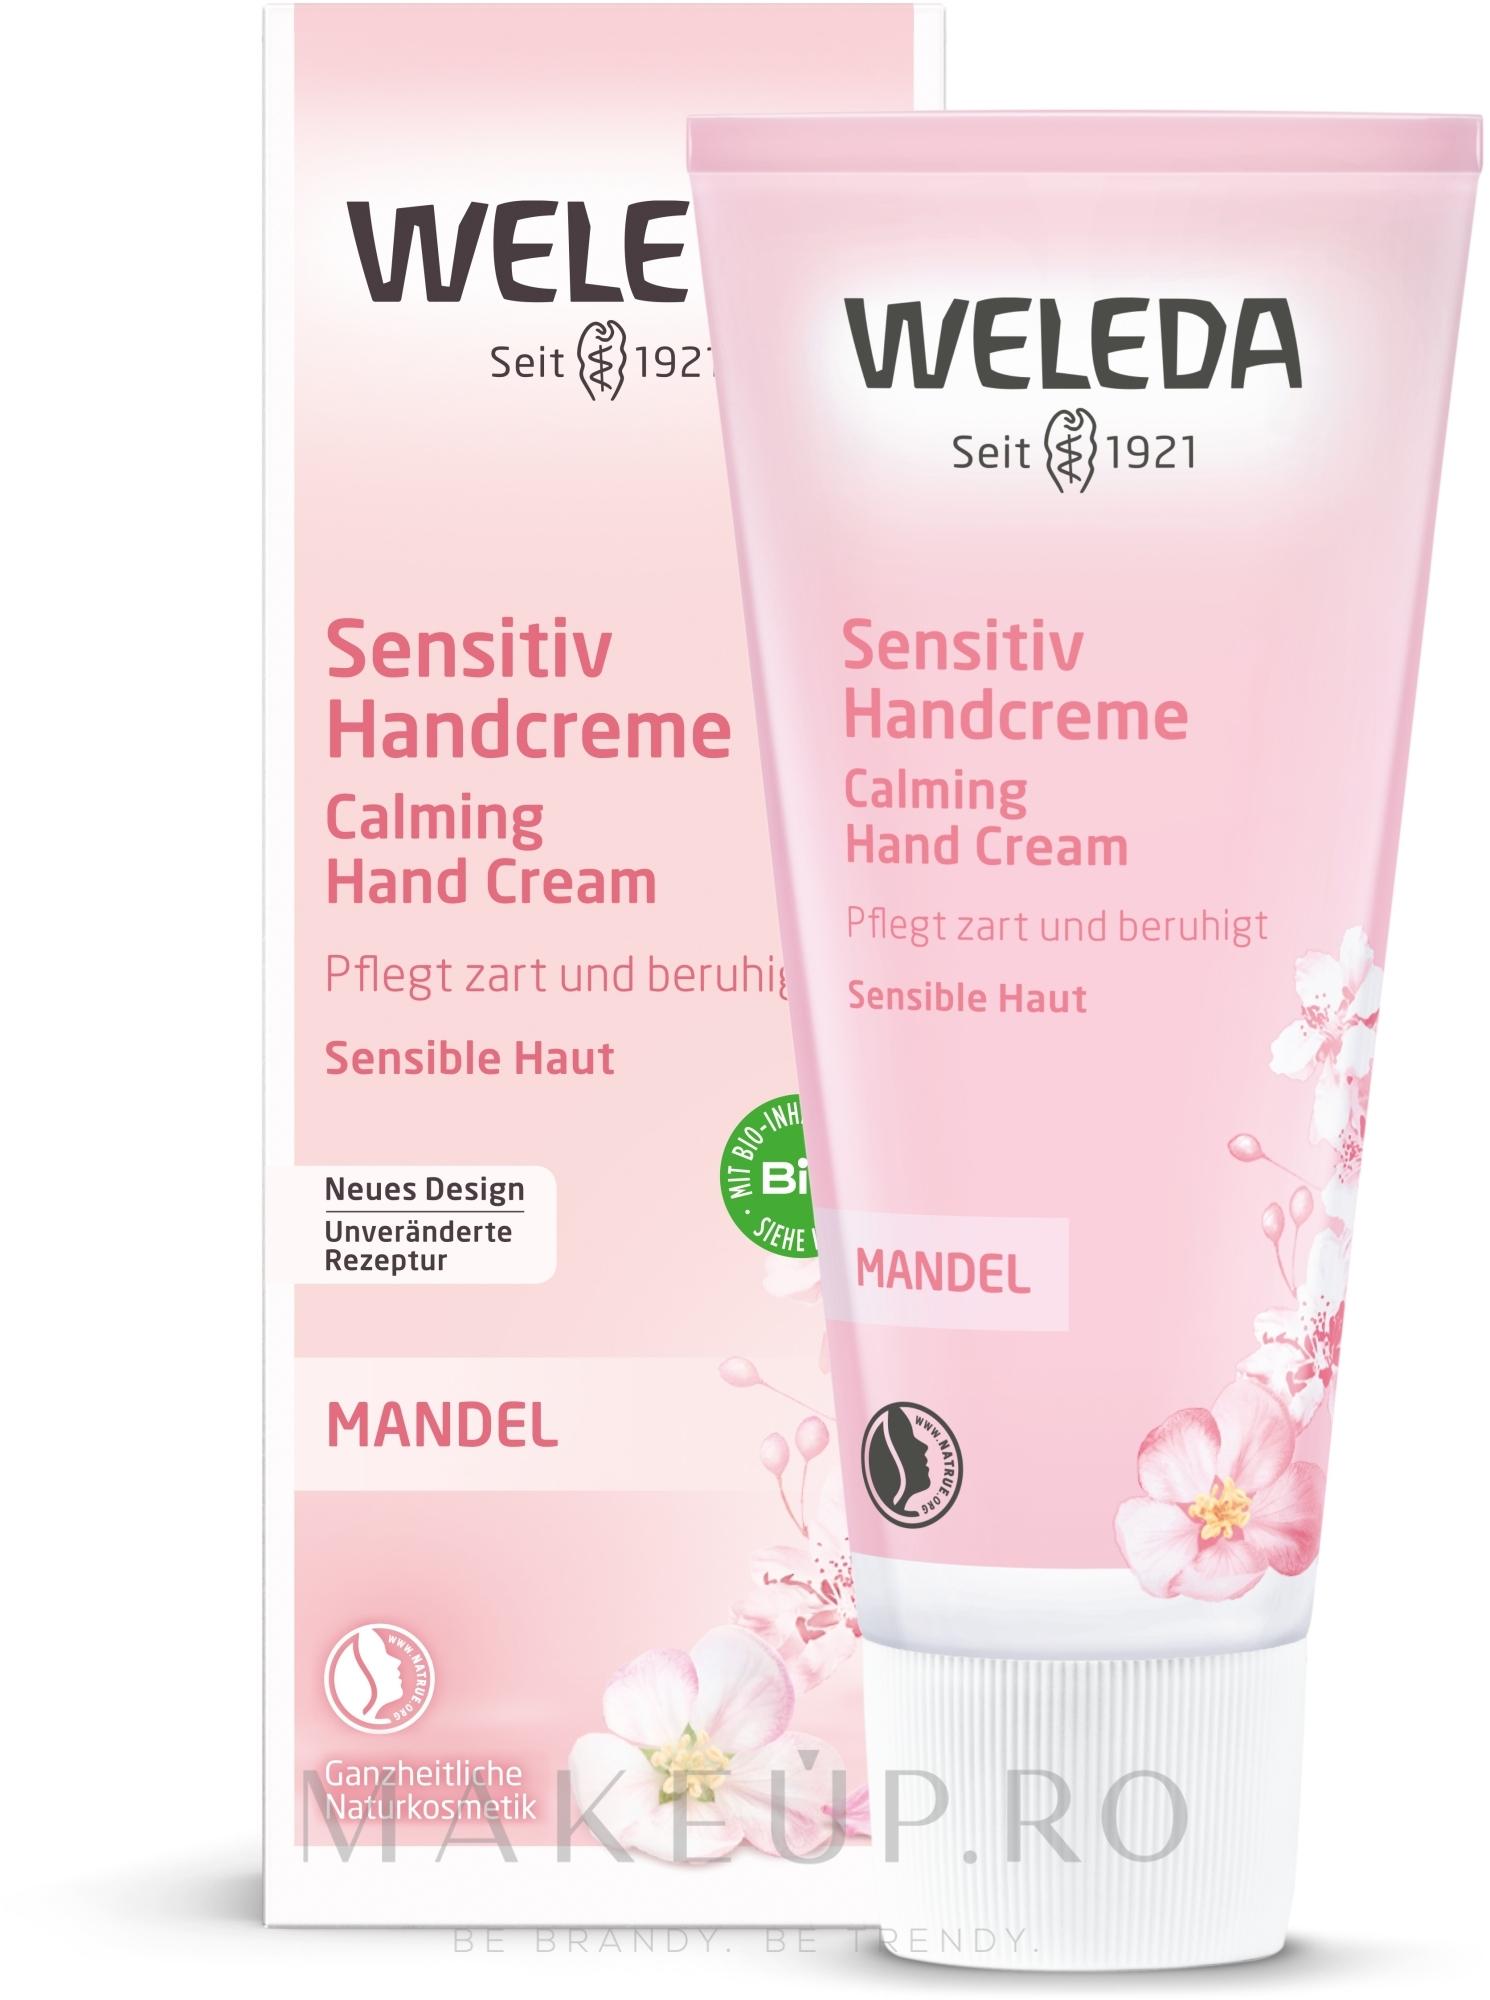 Cremă cu extract de migdale pentru mâini - Weleda Mandel Sensitiv Handcreme — Imagine 50 ml